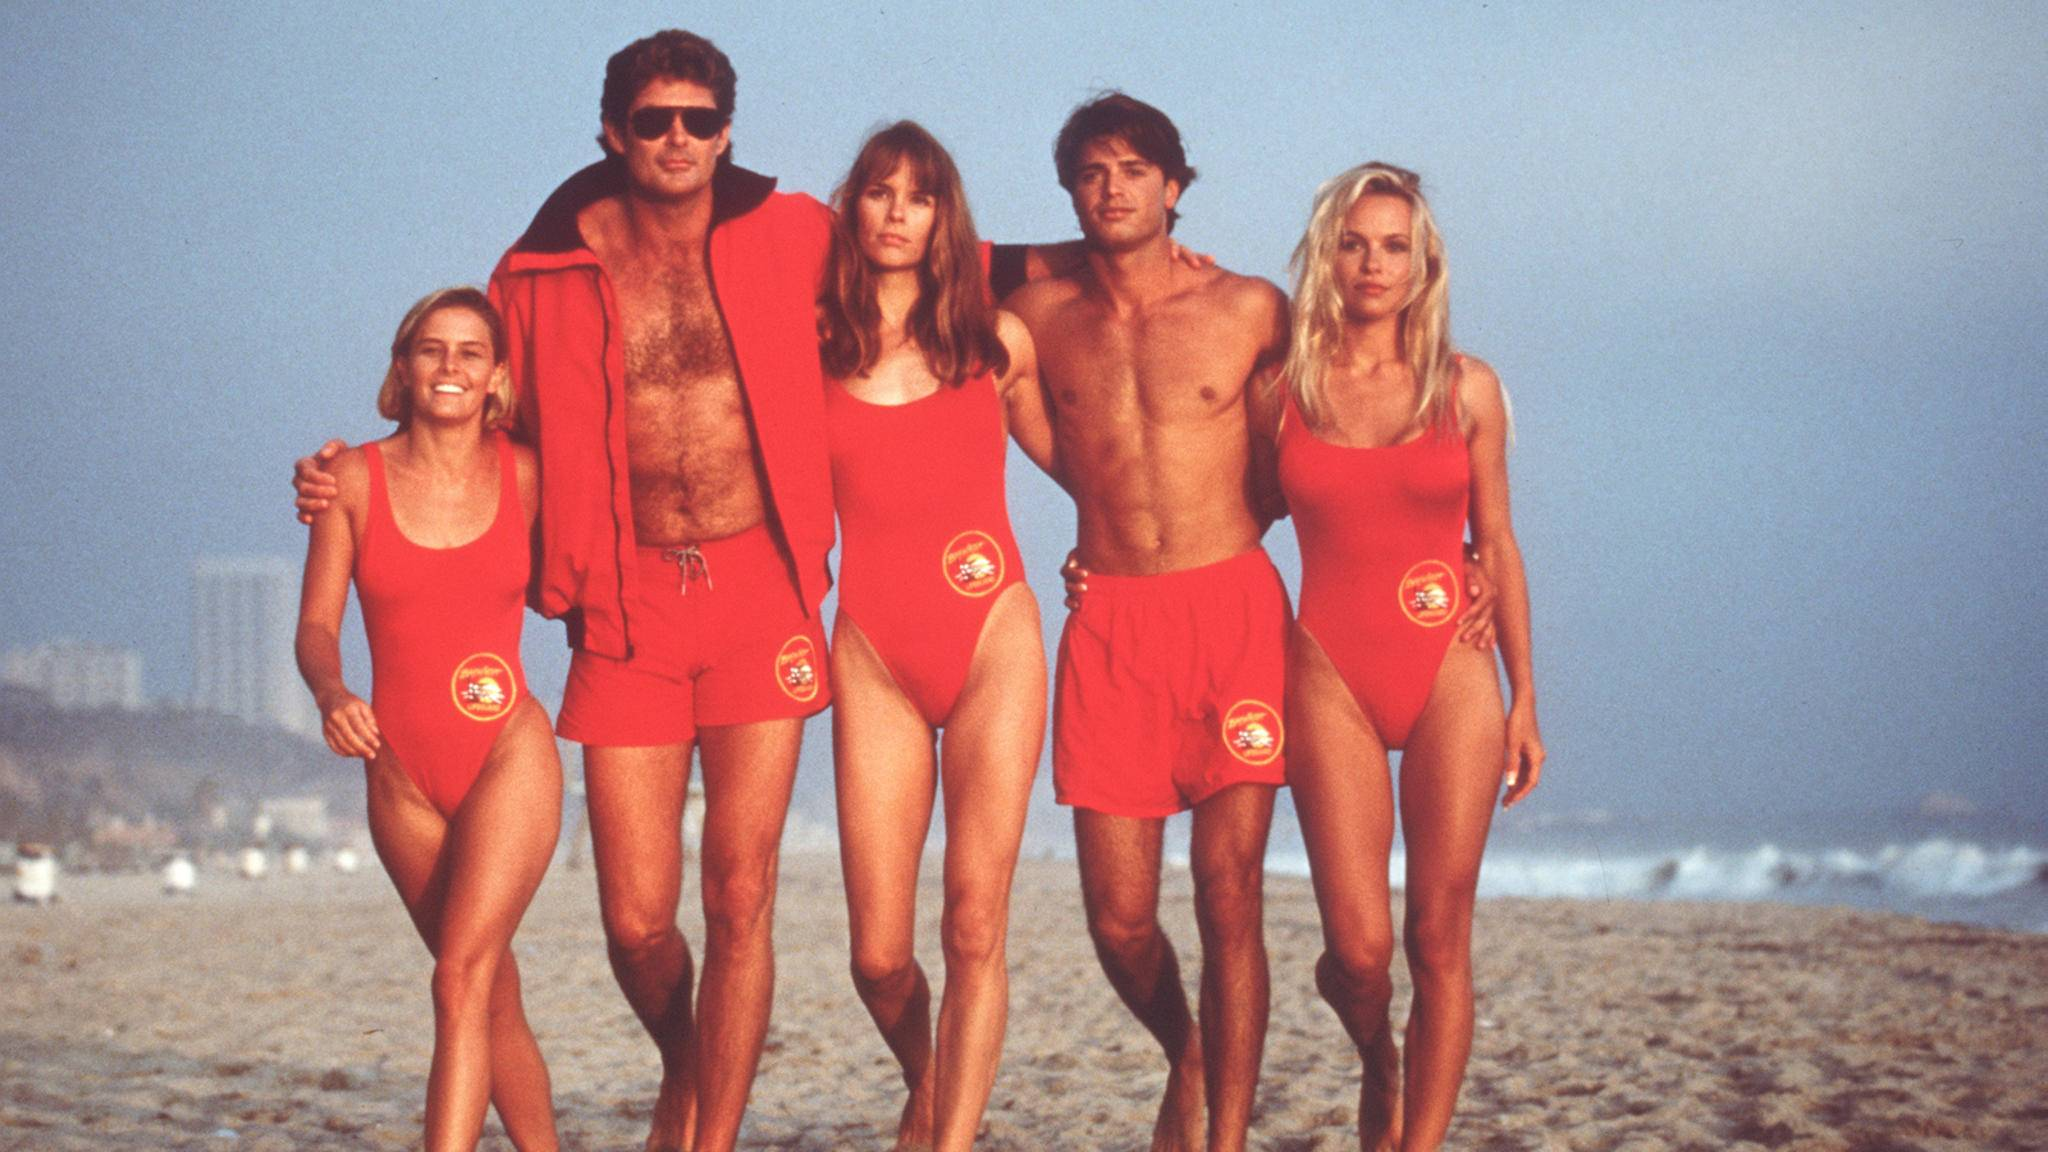 """Sie waren die TV-Helden der 90er – in diesem Jahr kehrt """"Baywatch"""" mit einem Kino-Remake zurück."""